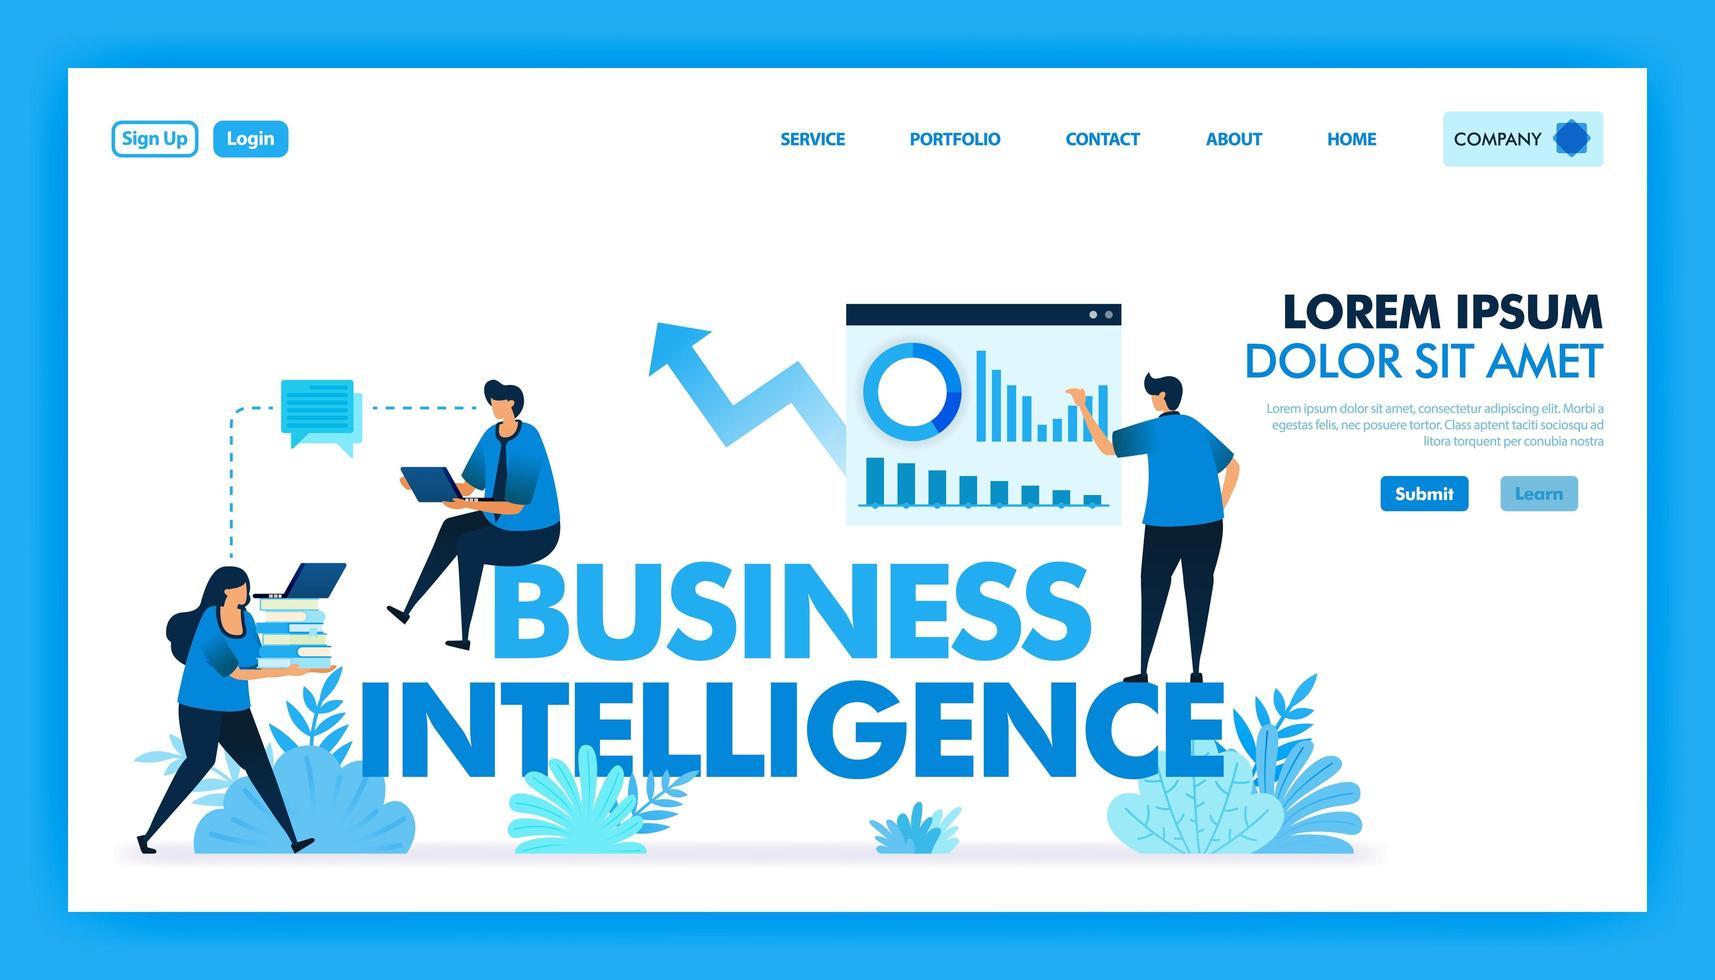 bi ou business intelligence para facilitar empresas, negócios e indústria de tecnologia 4.0 com acesso a análise de dados, estratégia de planejador, iot, inteligência artificial. design plano de ilustração vetorial. vetor